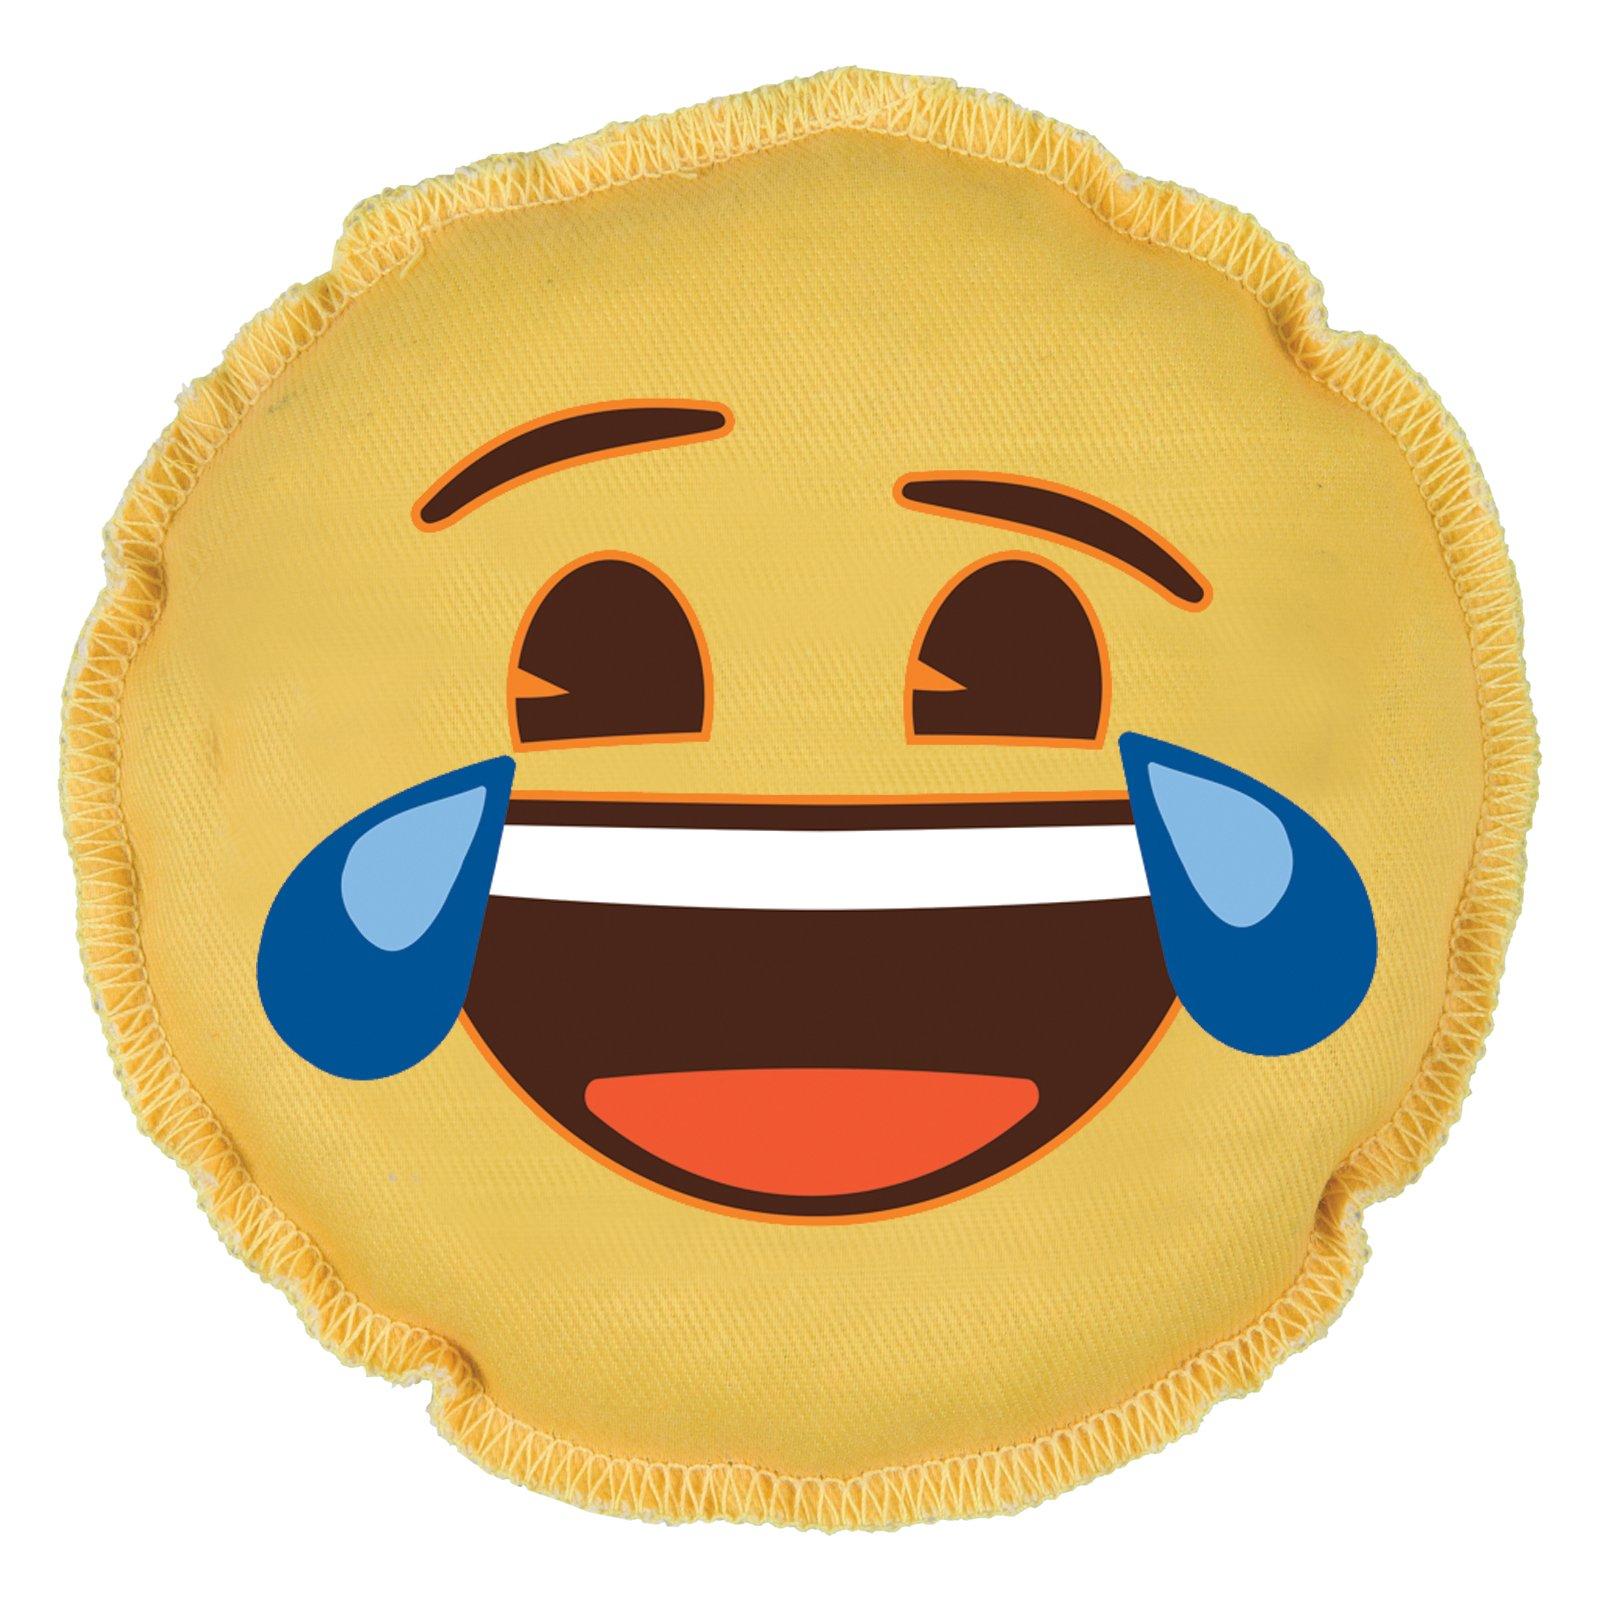 KR Strikeforce Strikeforce Bowling Bags Strikeforce Emoji Grip Sack Tears of Joy